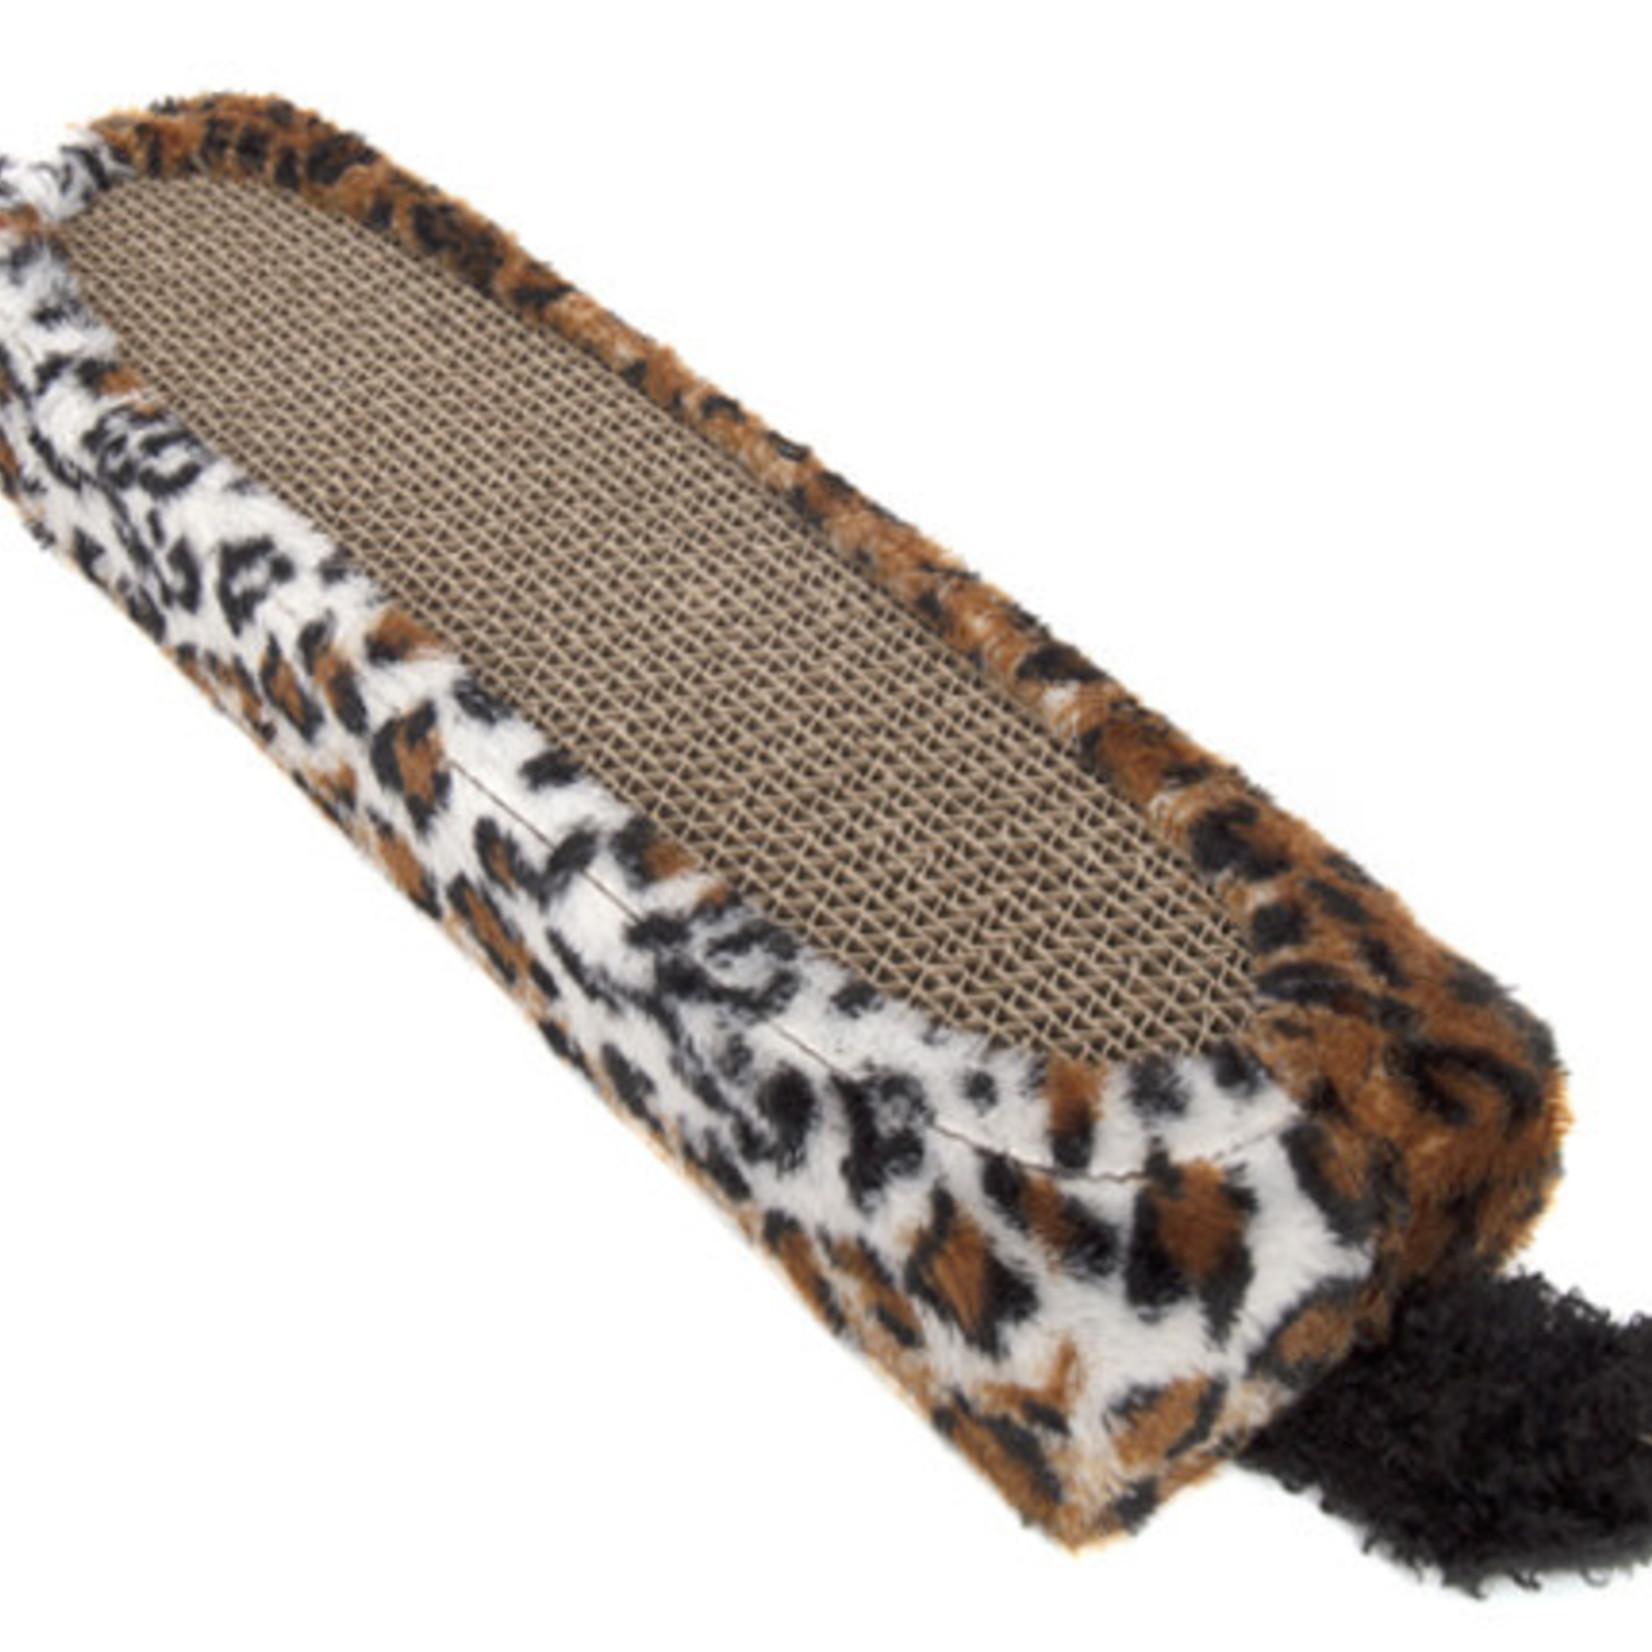 Ware Mfg. Corrugated Wild Cat Door Hanger with Scratch Pad